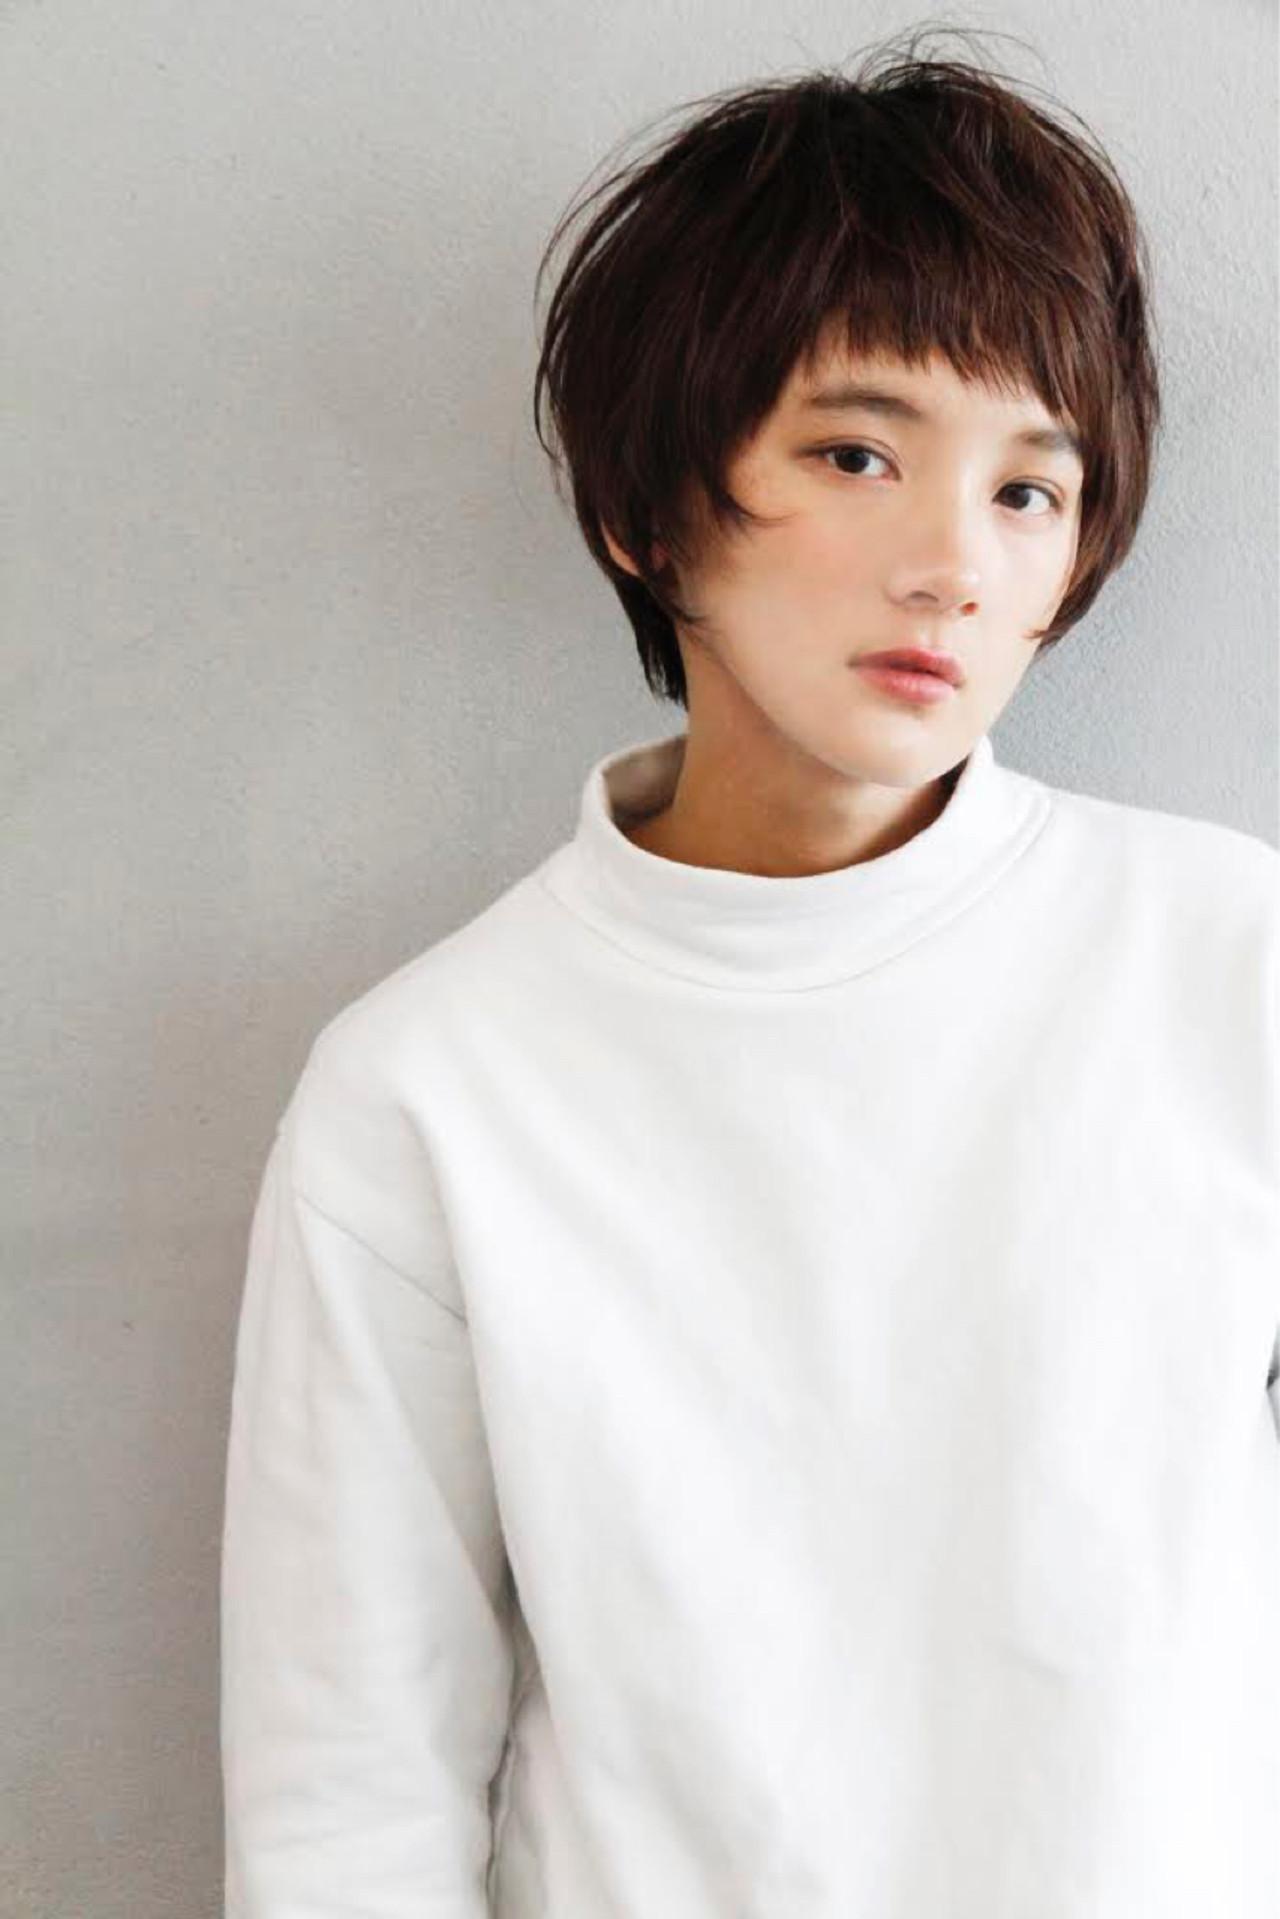 オン眉をチョイスして大人かわいい髪型に 葛西 祐介【#tag/N】